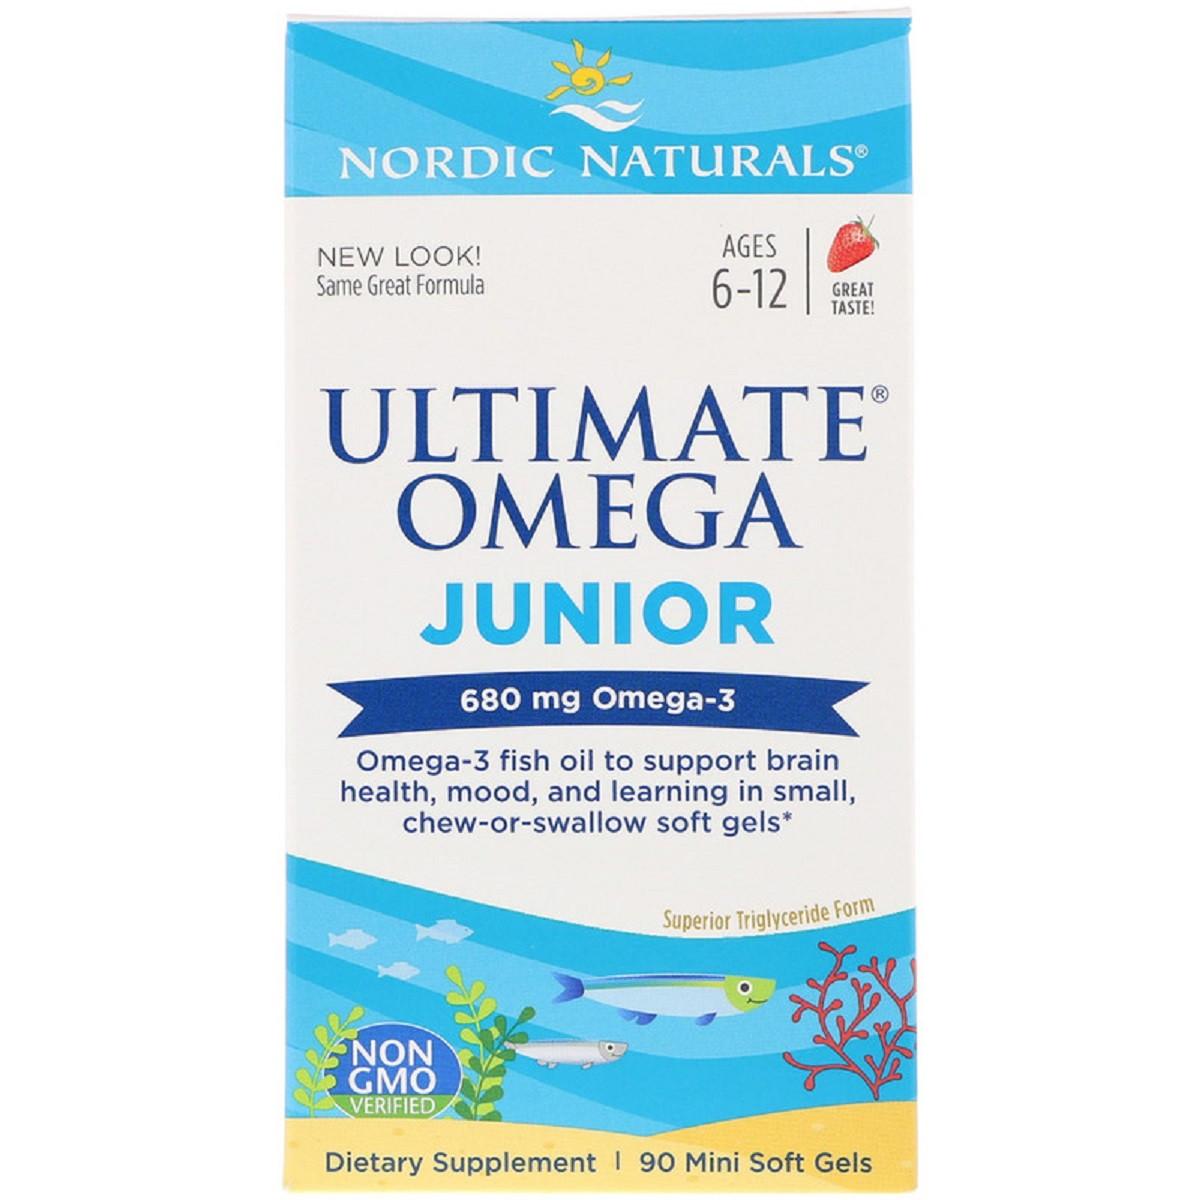 Рыбий Жир Для Подростков, Ultimate Omega Junior, Nordic Naturals, 680 мг, 90 Гелевых Капсул